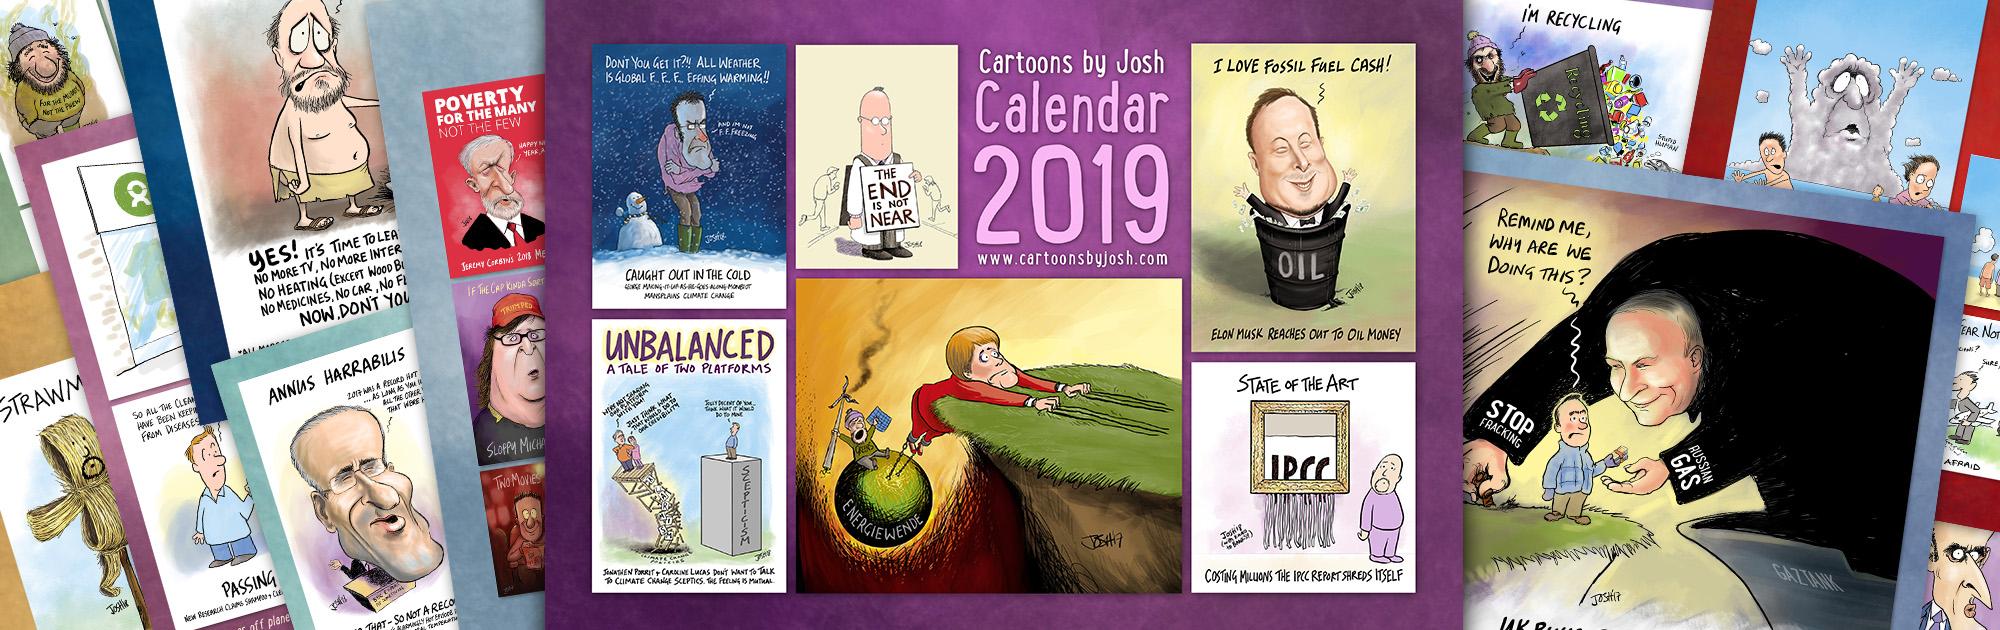 kalender te koop